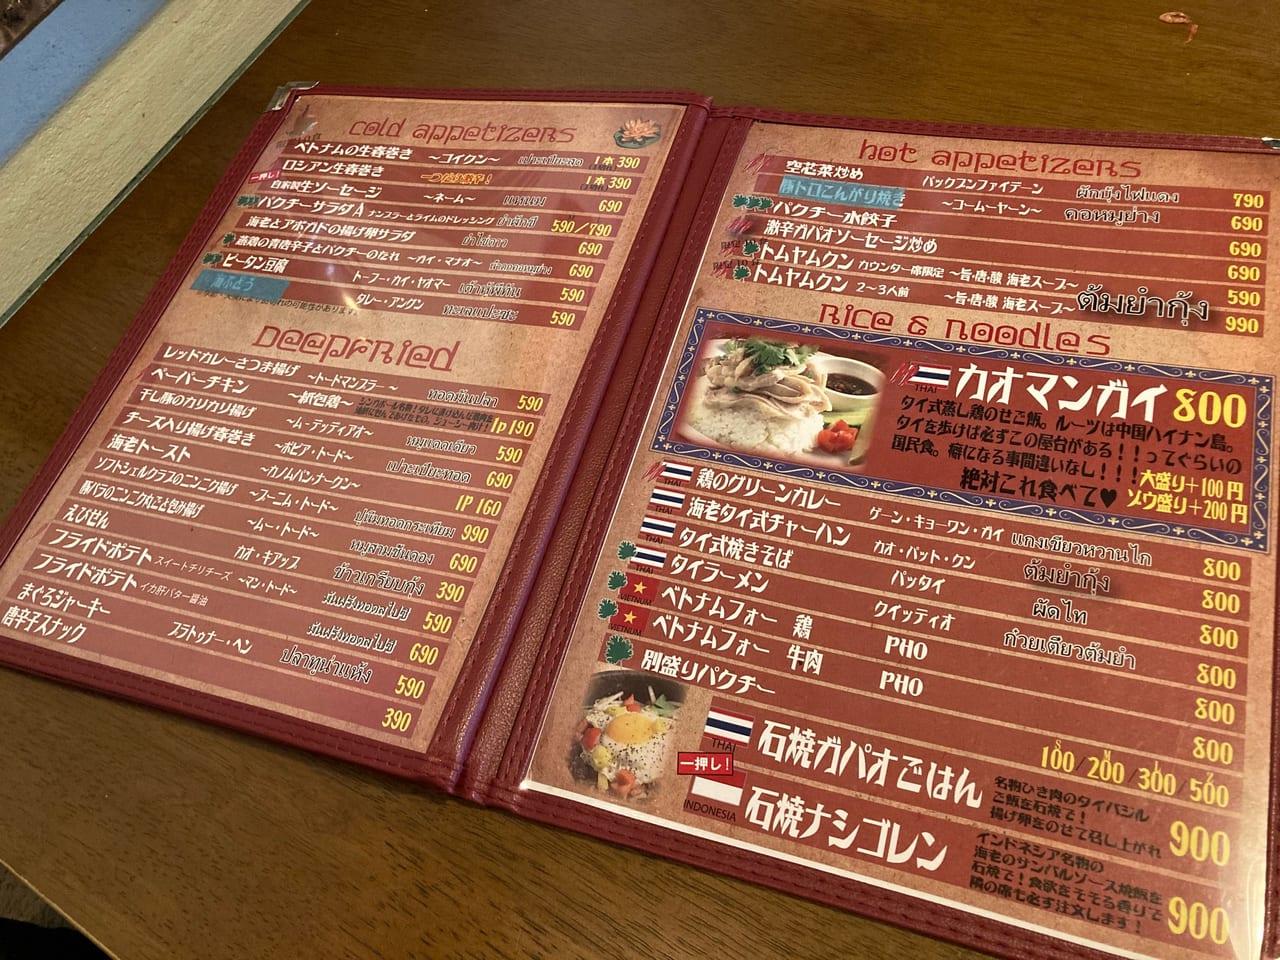 Go To Eatも使える!熱帯アジア食堂『2階のぞうさん』で旅行気分を味わいませんか~?